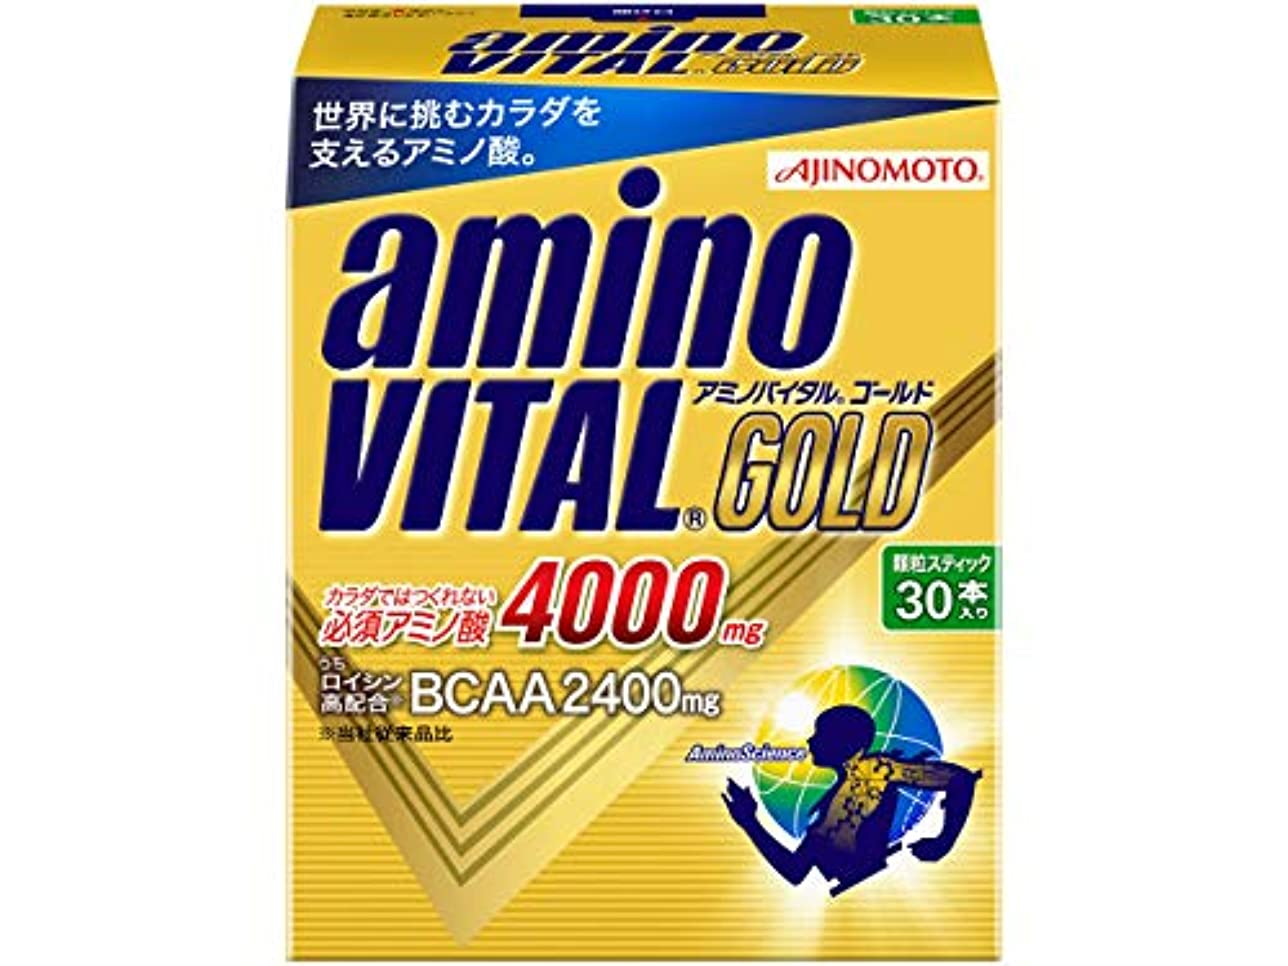 はげ不確実影響を受けやすいですアミノバイタル GOLD 30本入箱